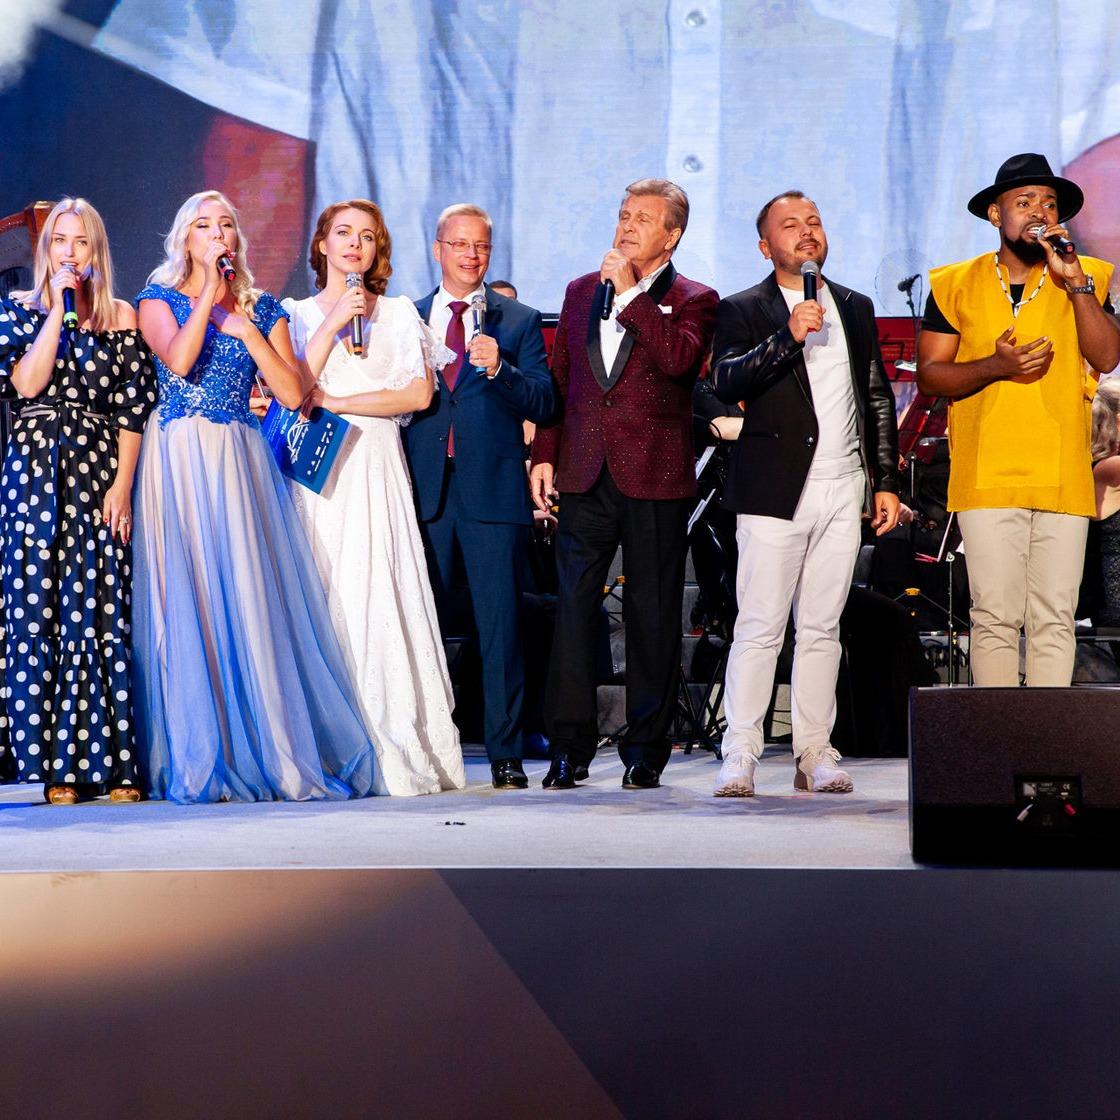 Noslēguma koncertā krievu estrādes zvaiigzne Ļevs Ļeščenko ar festivāla vadītājiem un dalībniekiem vienojās kopējā dziesmā.